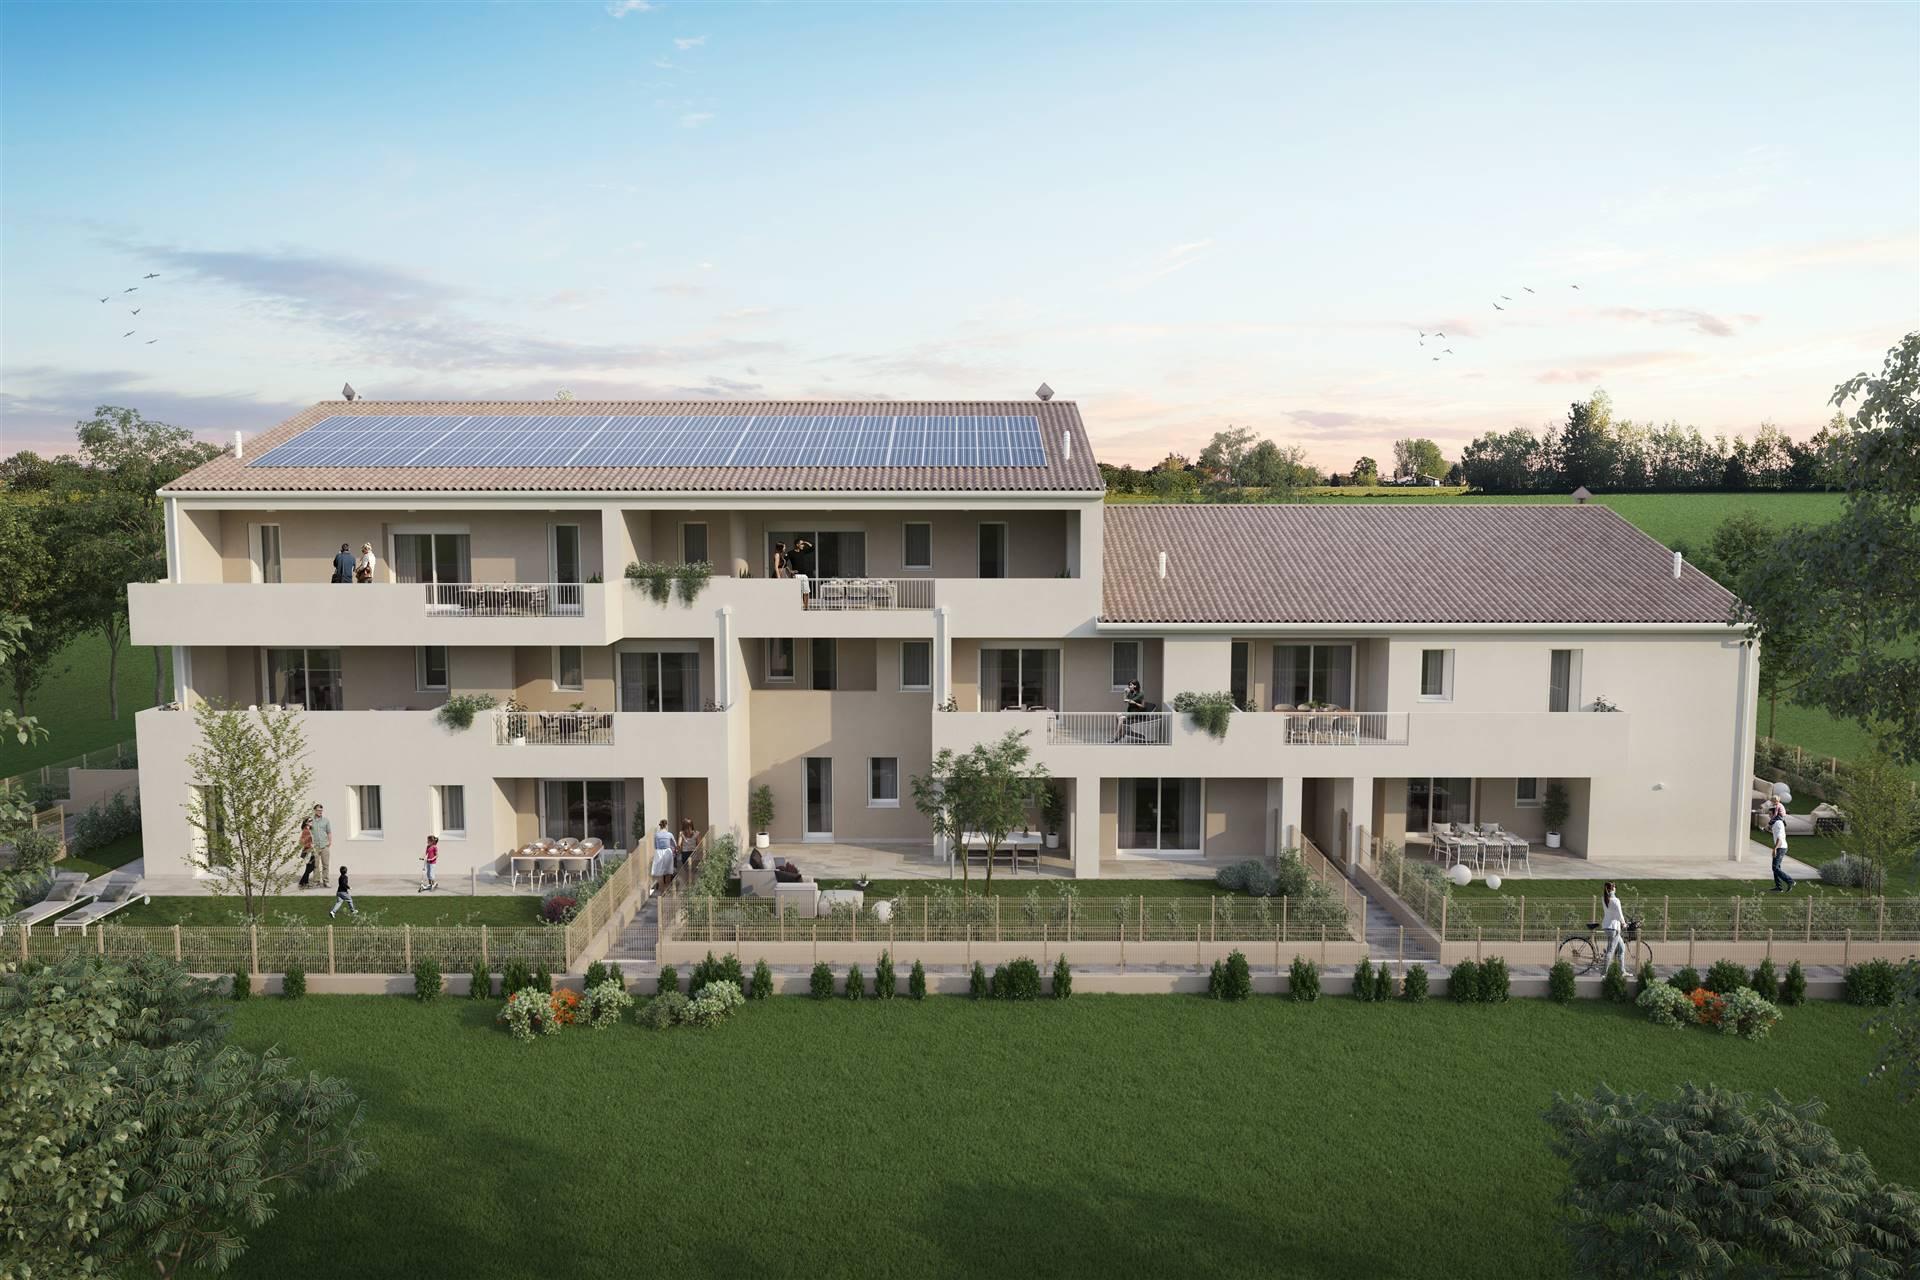 In pieno centro a SALZANO, proponiamo palazzina di sole 10 unità abitative in fase di realizzazione, APPARTAMENTI con 2 o 3 camere e tutti con doppi